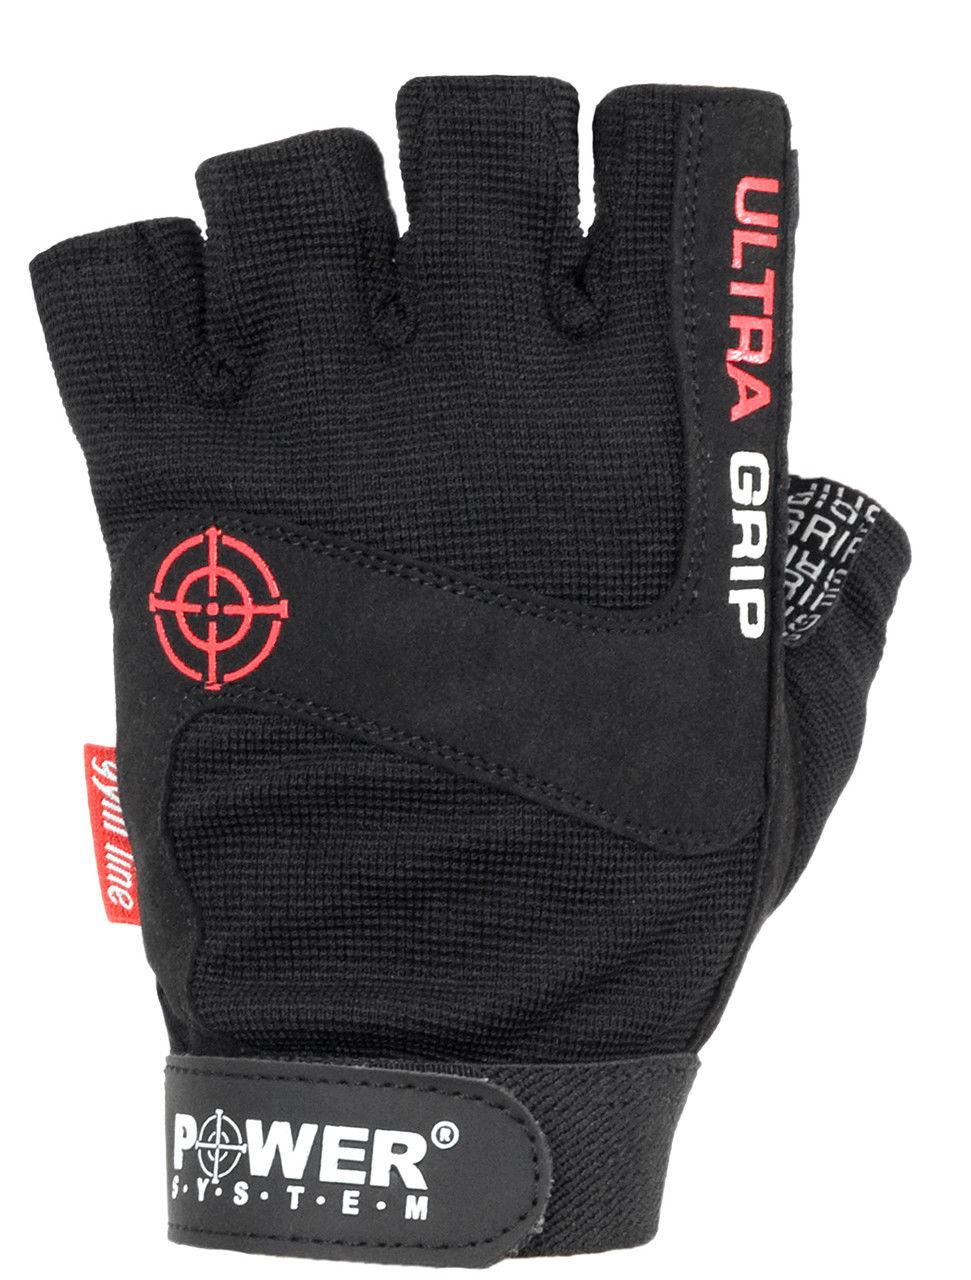 Перчатки Power System Ultra Grip PS-2400 XL, Черный фото видео изображение